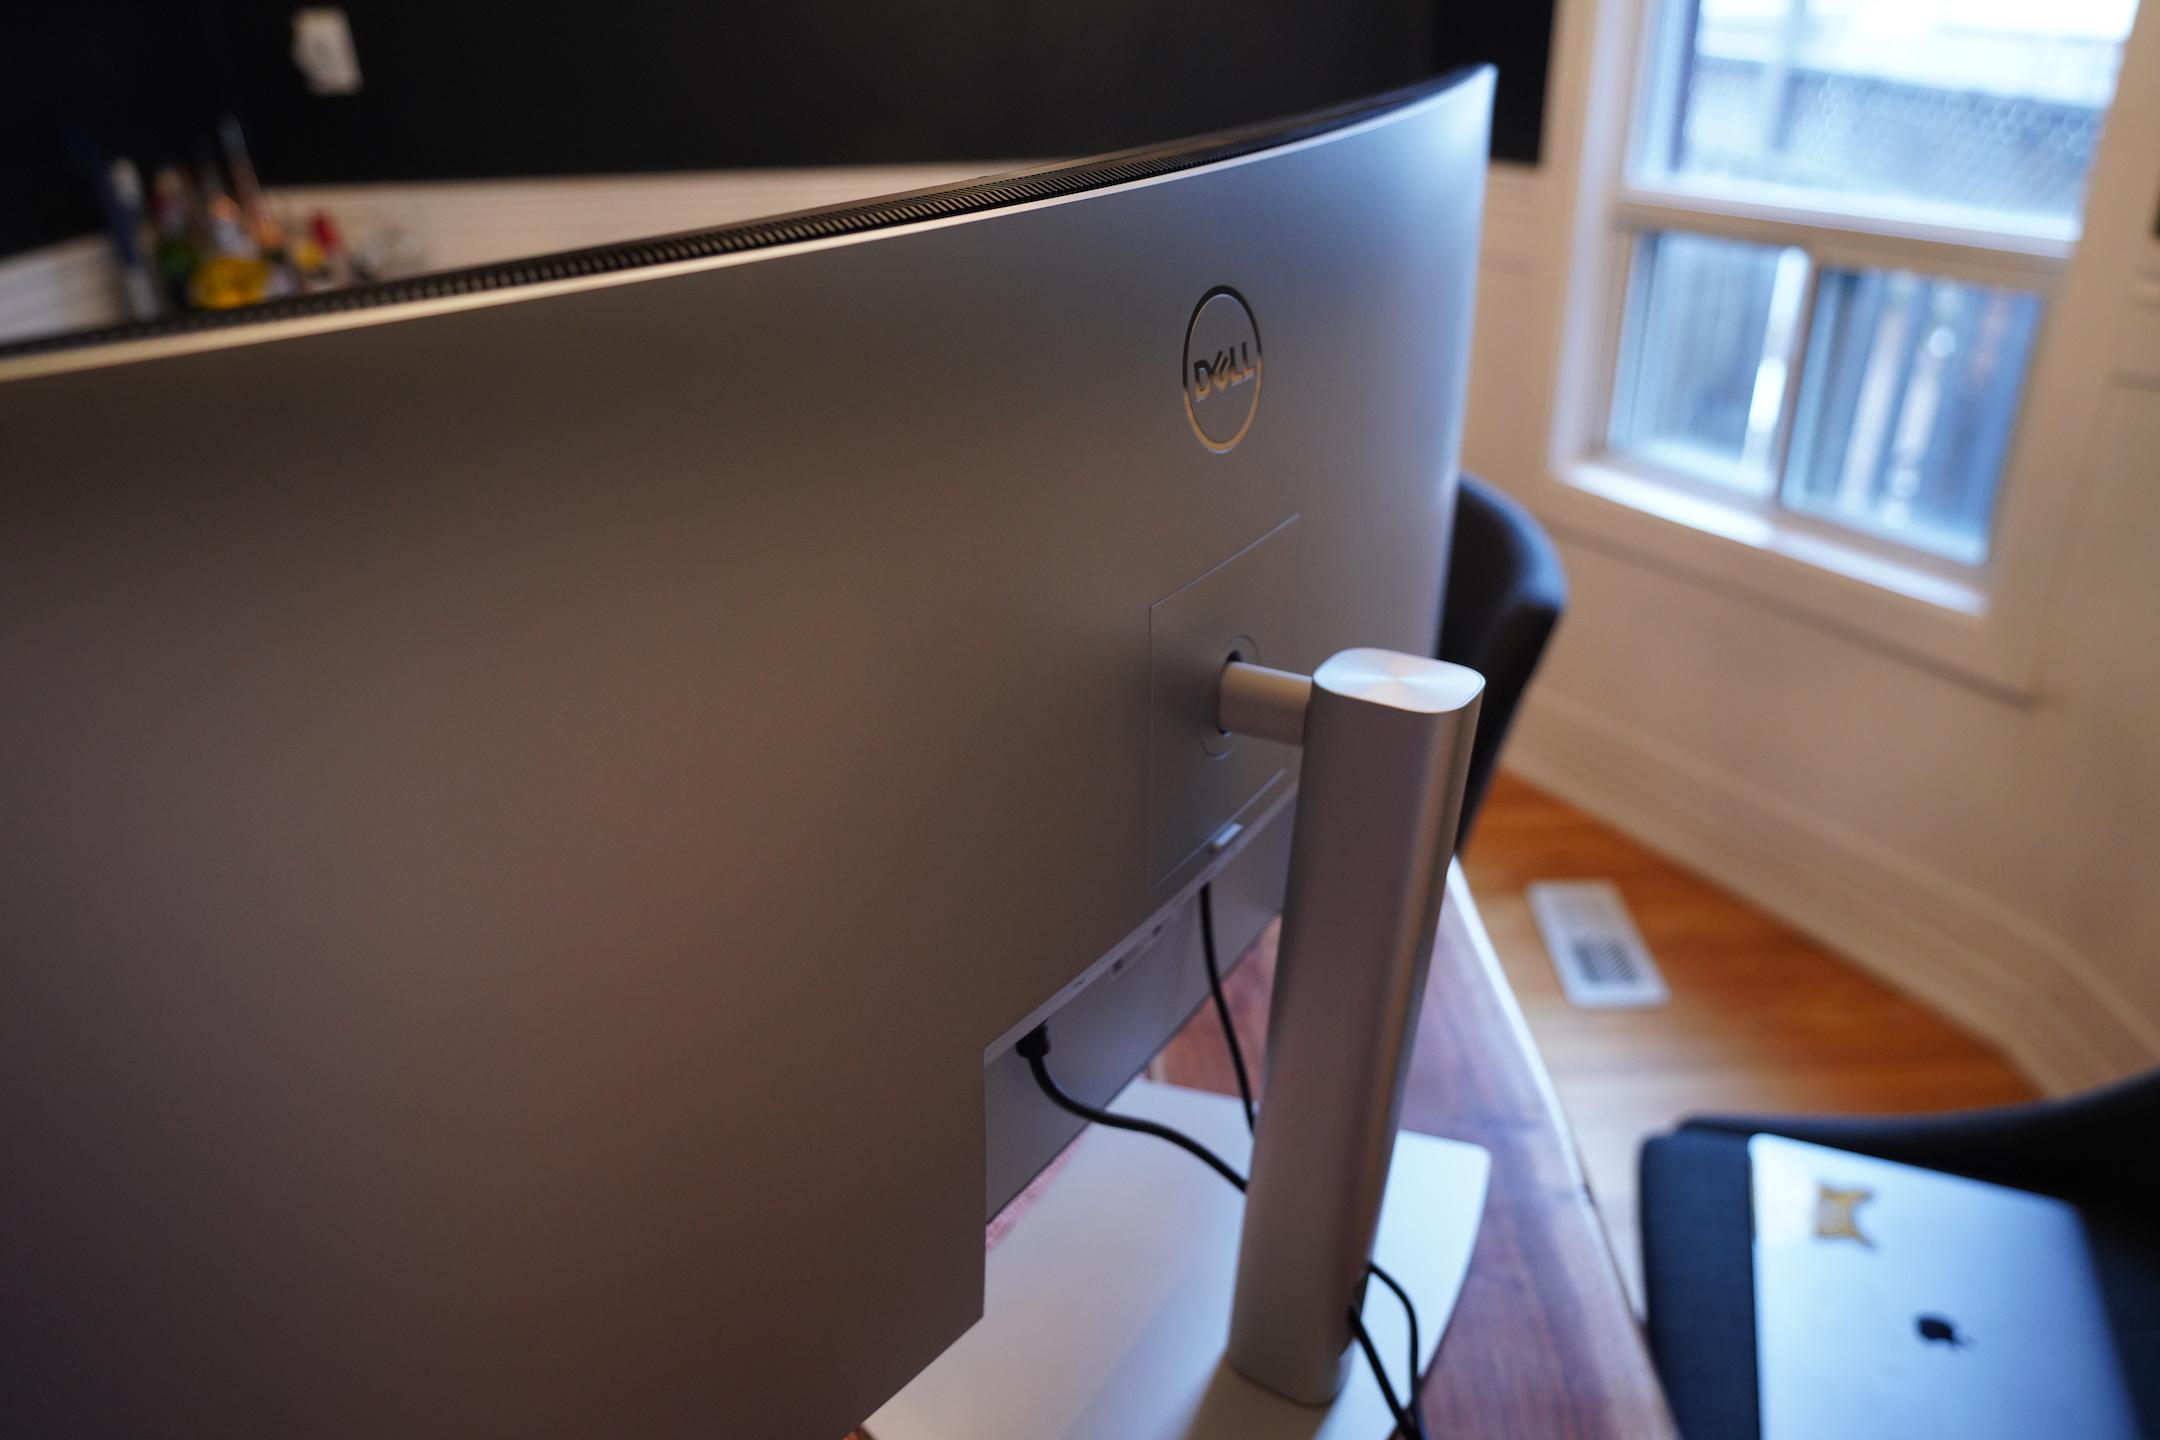 Изогнутый 40-дюймовый монитор Dell идеально подходит для командного центра домашнего офиса 2021 офис